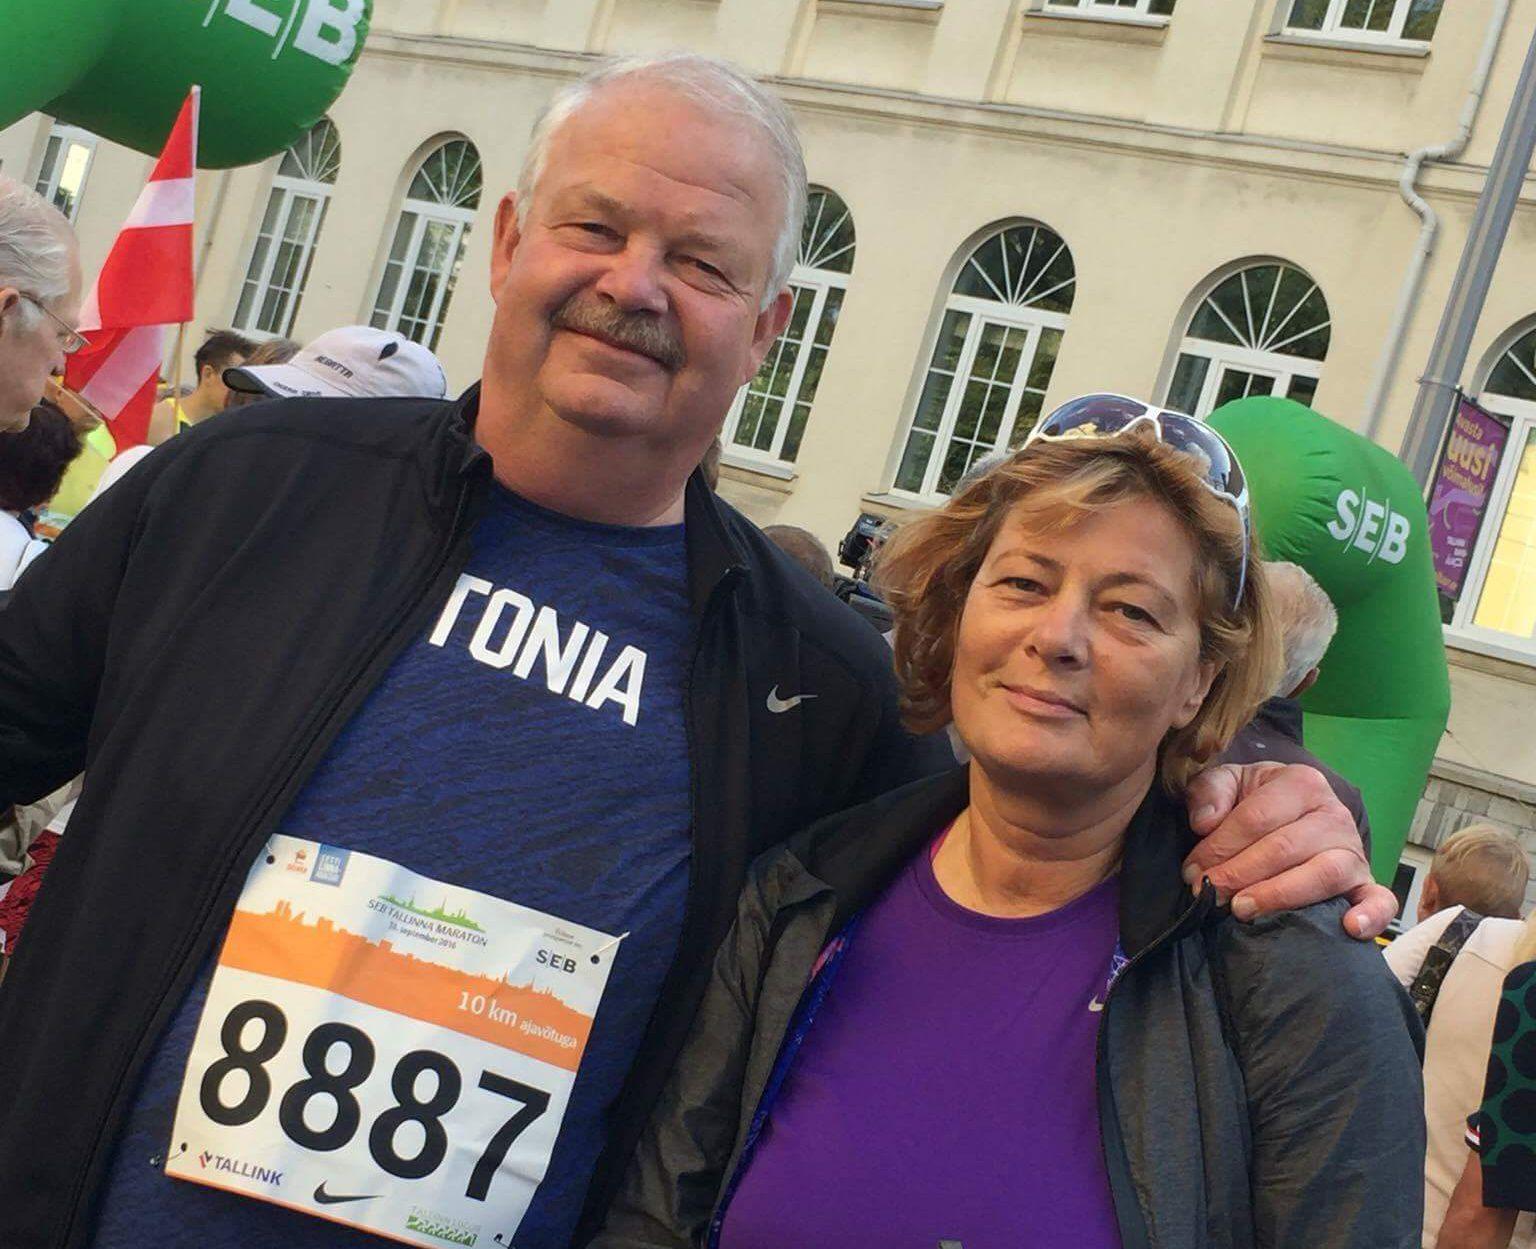 Jüri Tamm spordinädala avamisel: harrasta liikumisviisi, mis tõesti meeldib ja paneb südame tuksuma